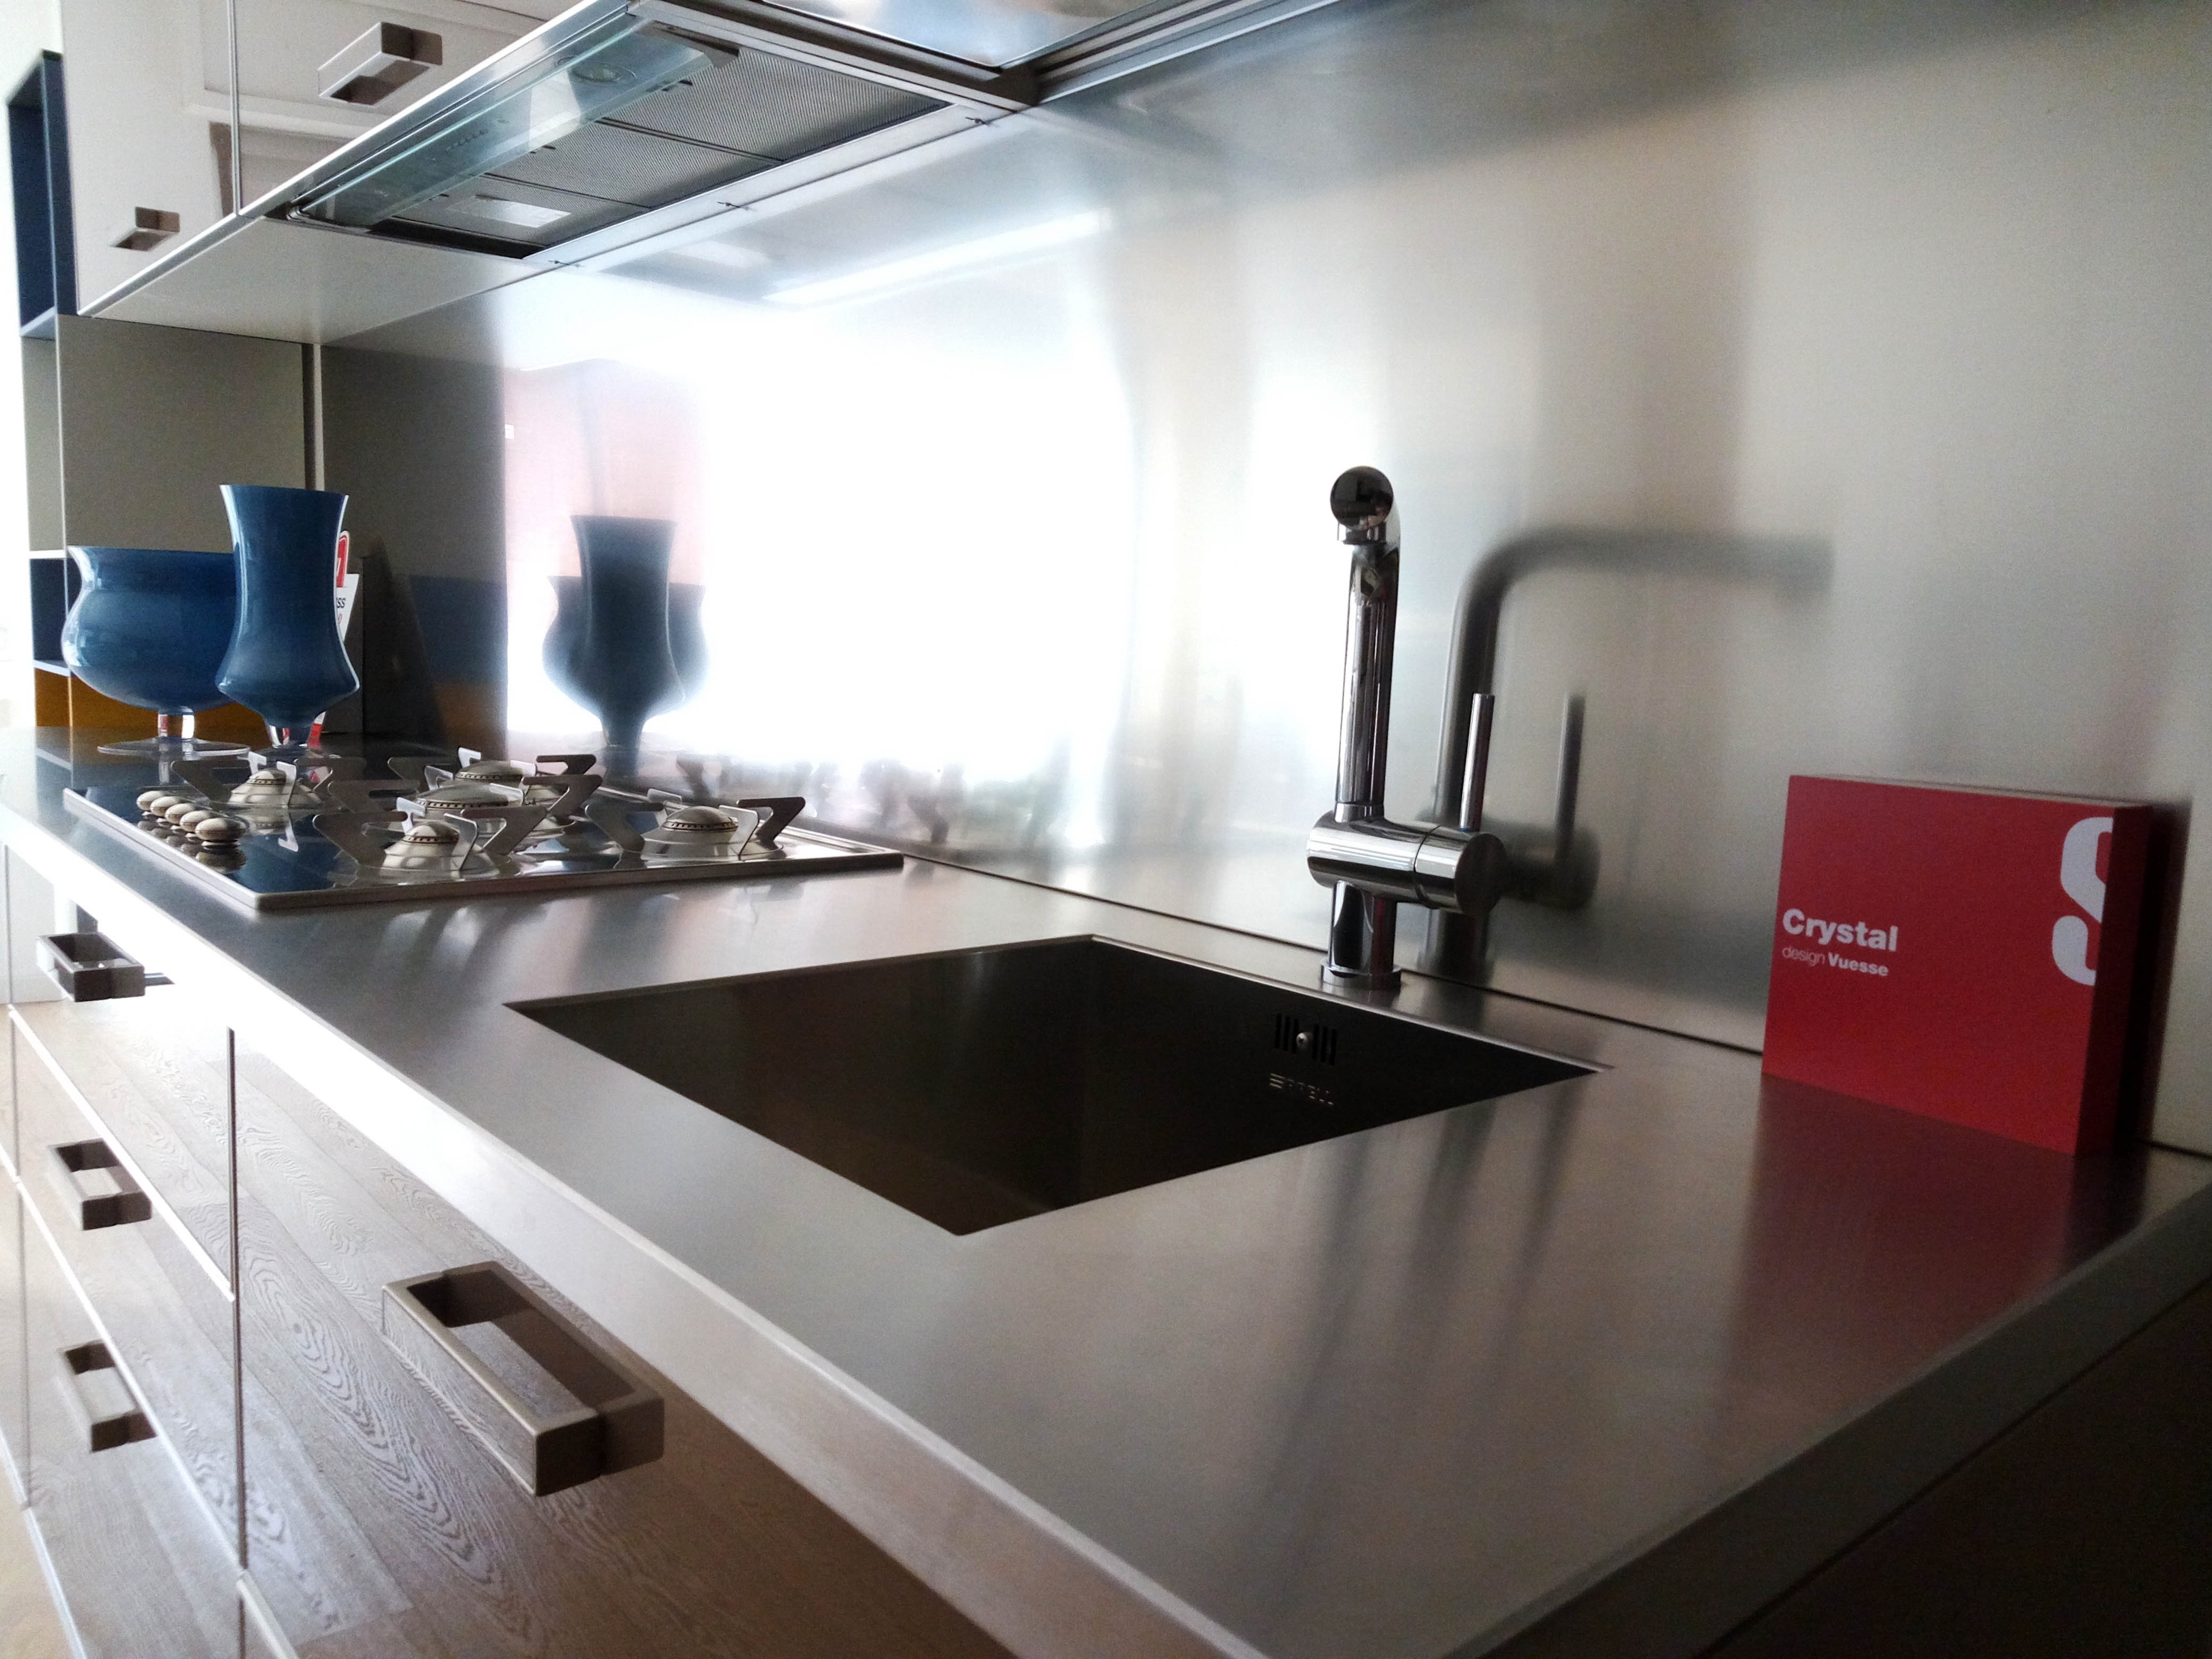 Cucina scavolini crystal scontato del 40 cucine a prezzi scontati - Cucina crystal scavolini ...